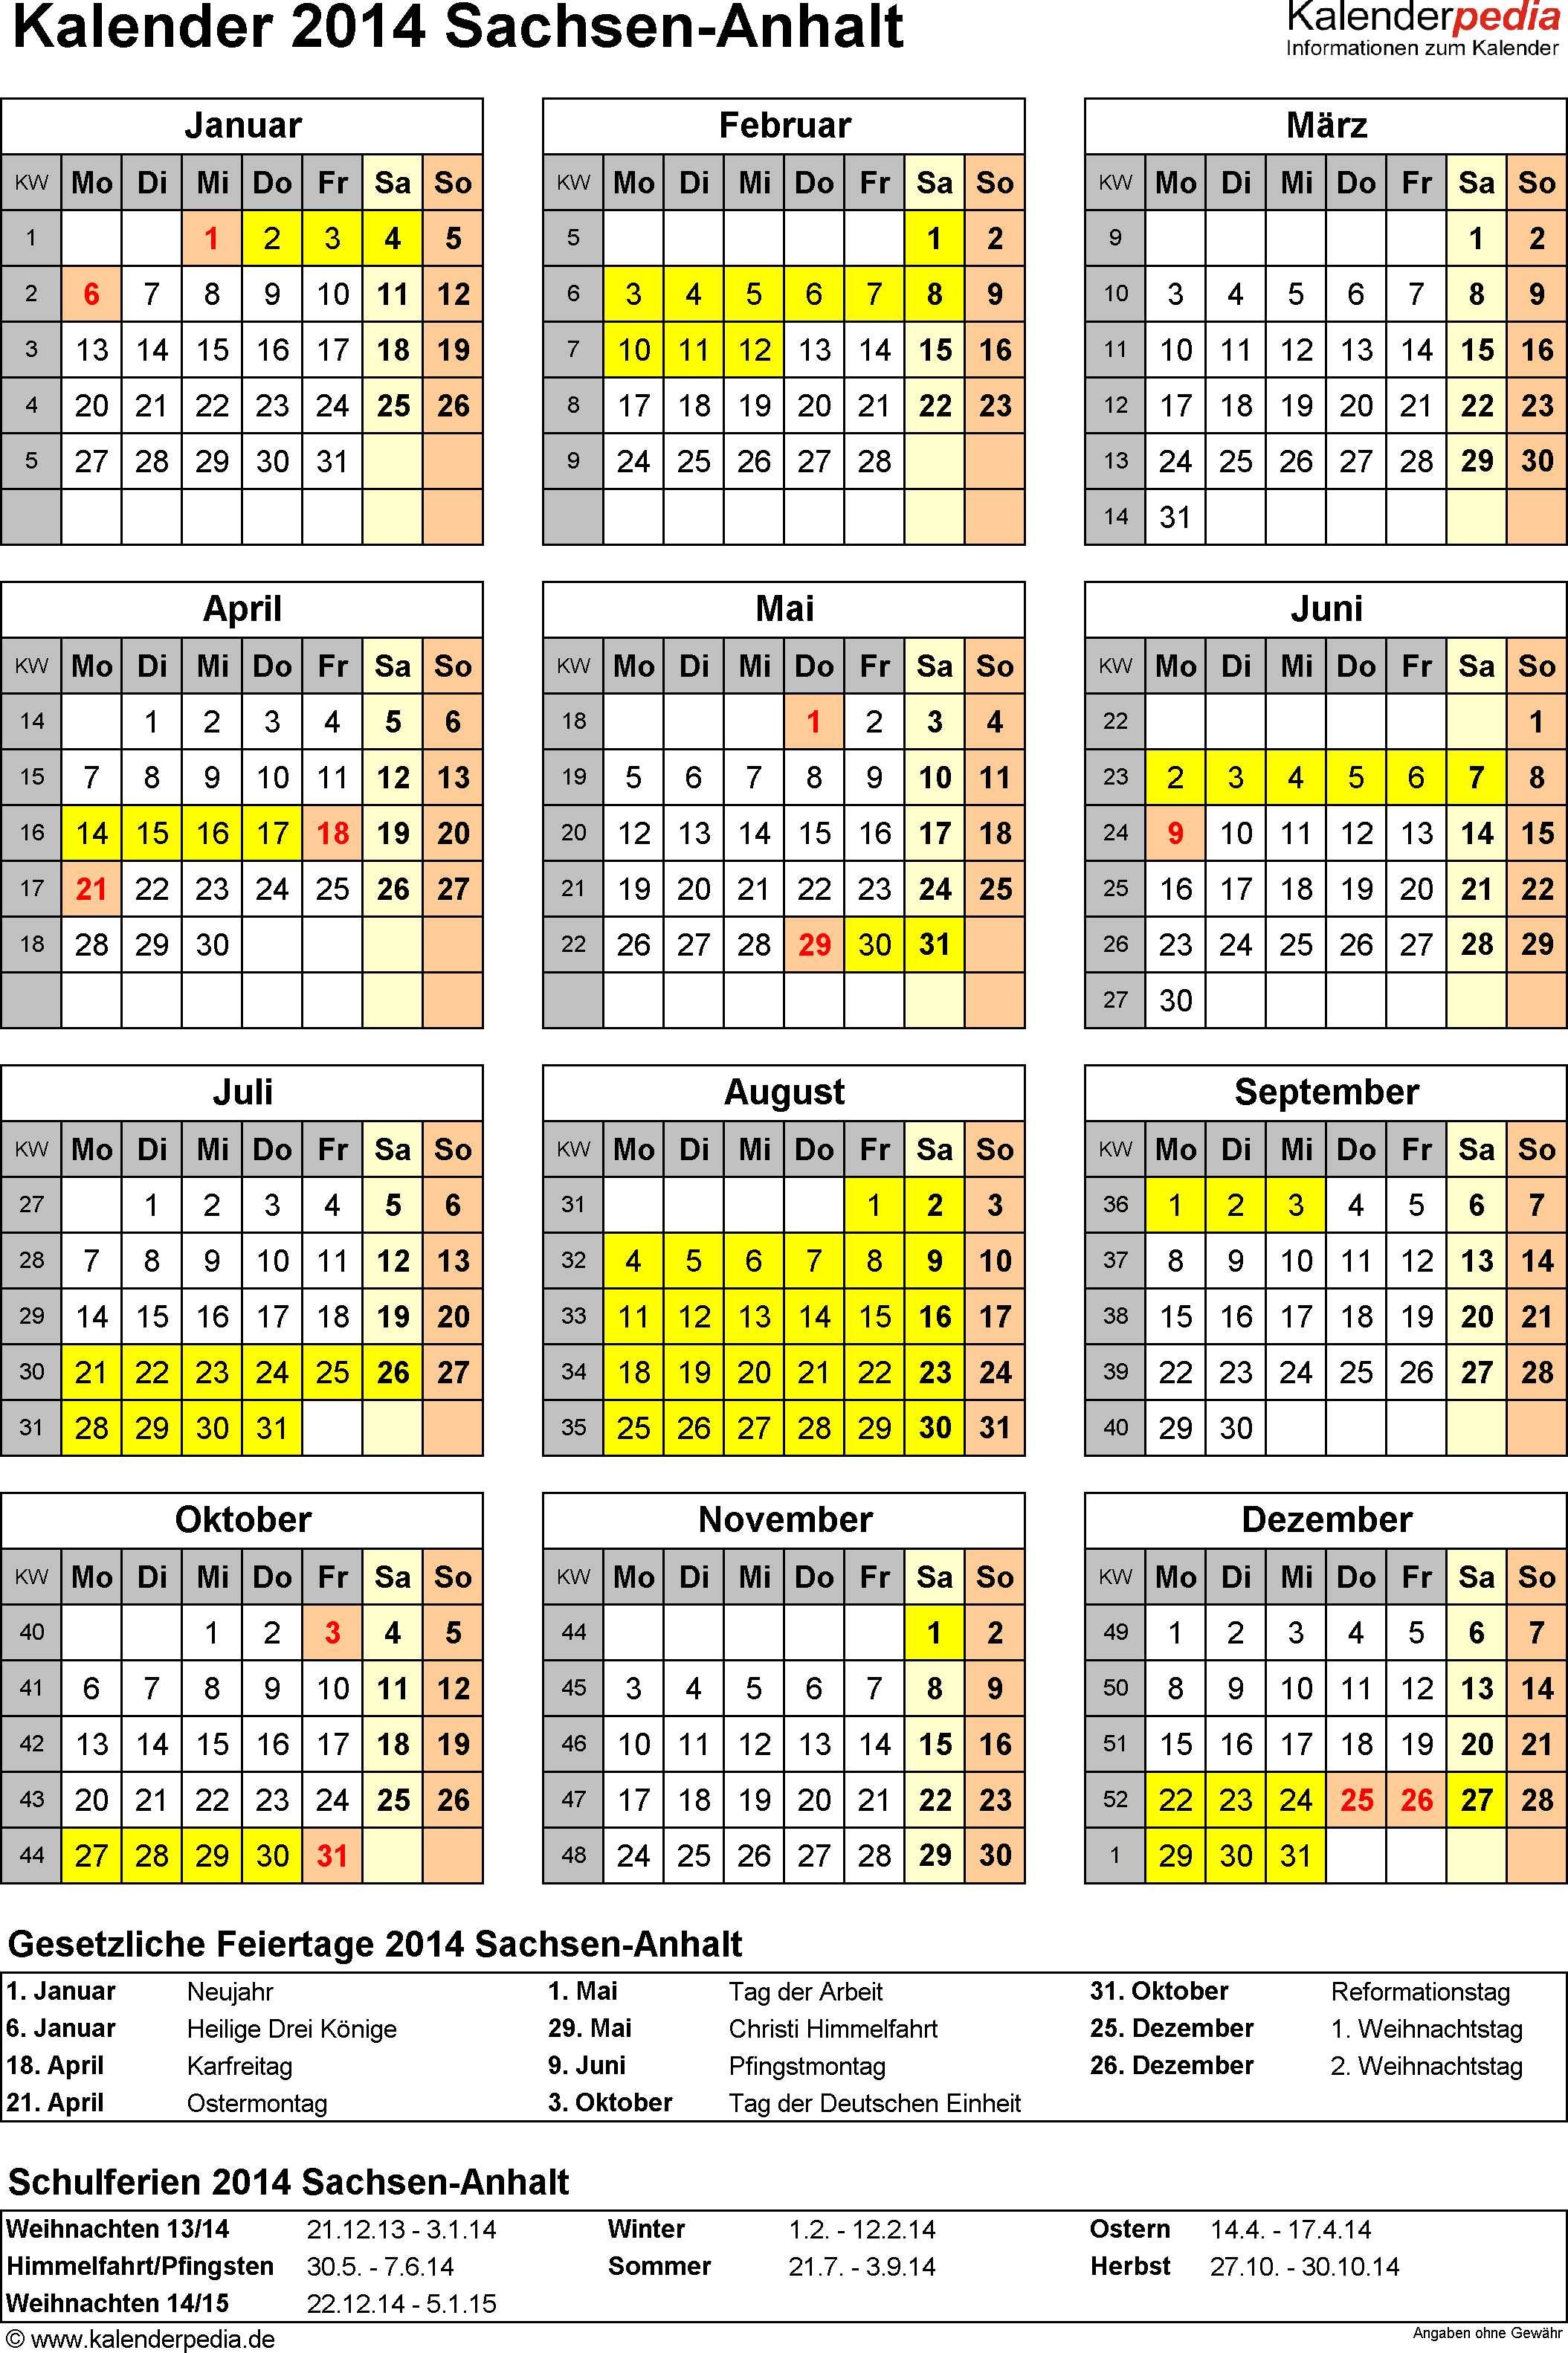 Vorlage 4: Kalender Sachsen-Anhalt 2014 als Excel-Vorlage (Hochformat)